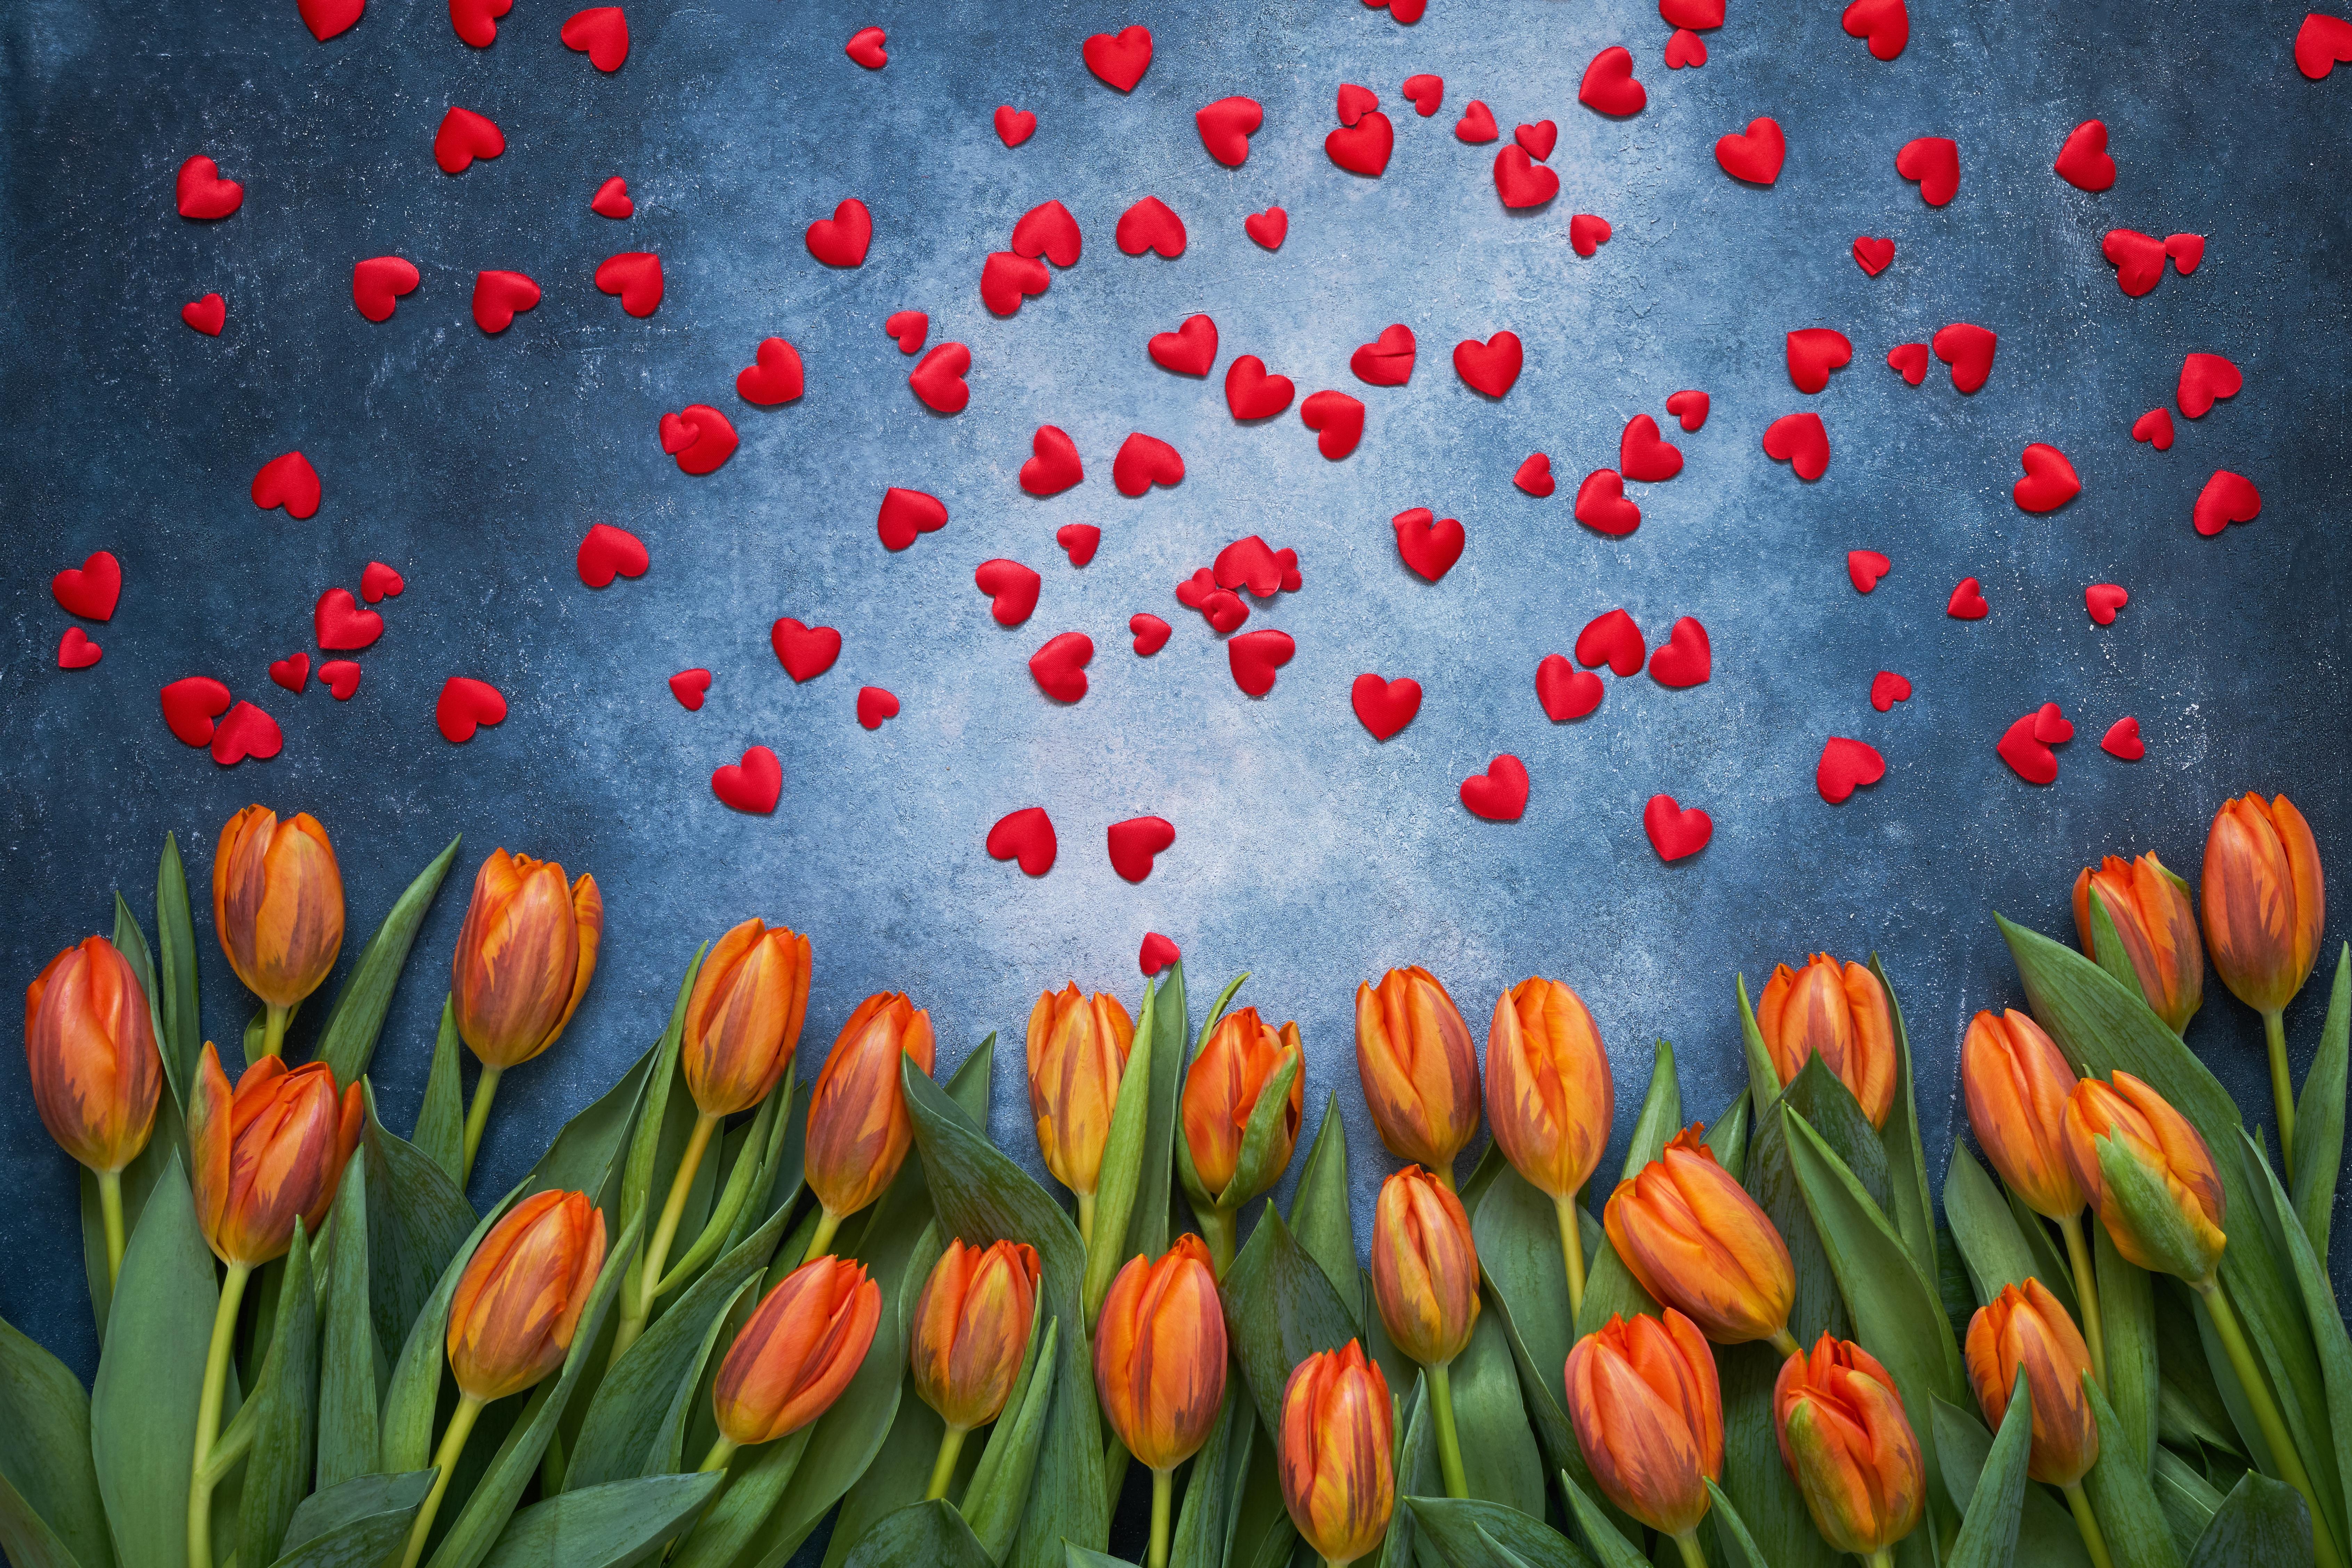 Фотография День святого Валентина сердечко Тюльпаны Цветы 6768x4512 День всех влюблённых серце сердца Сердце